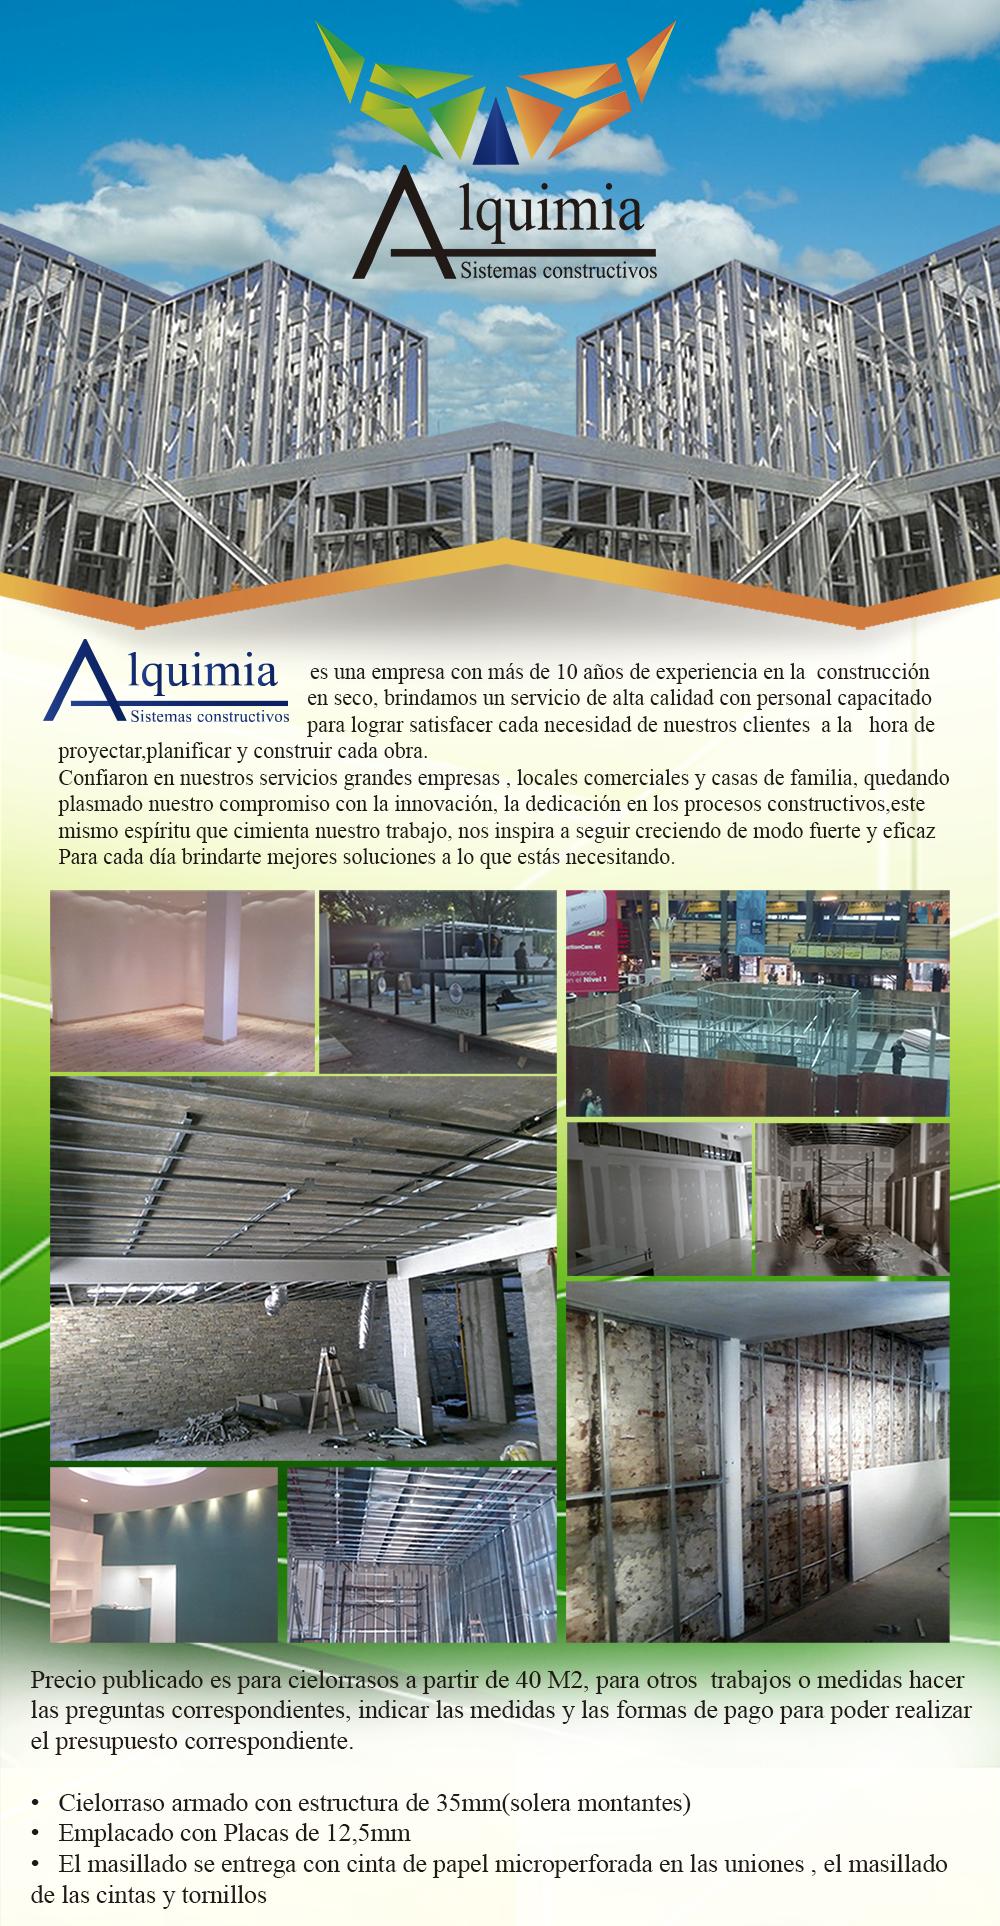 Durlock Colocacion Por Metro Cuadrado Precio Y Calidad 380 00  ~ Cuanto Cuesta Pintar Una Habitacion